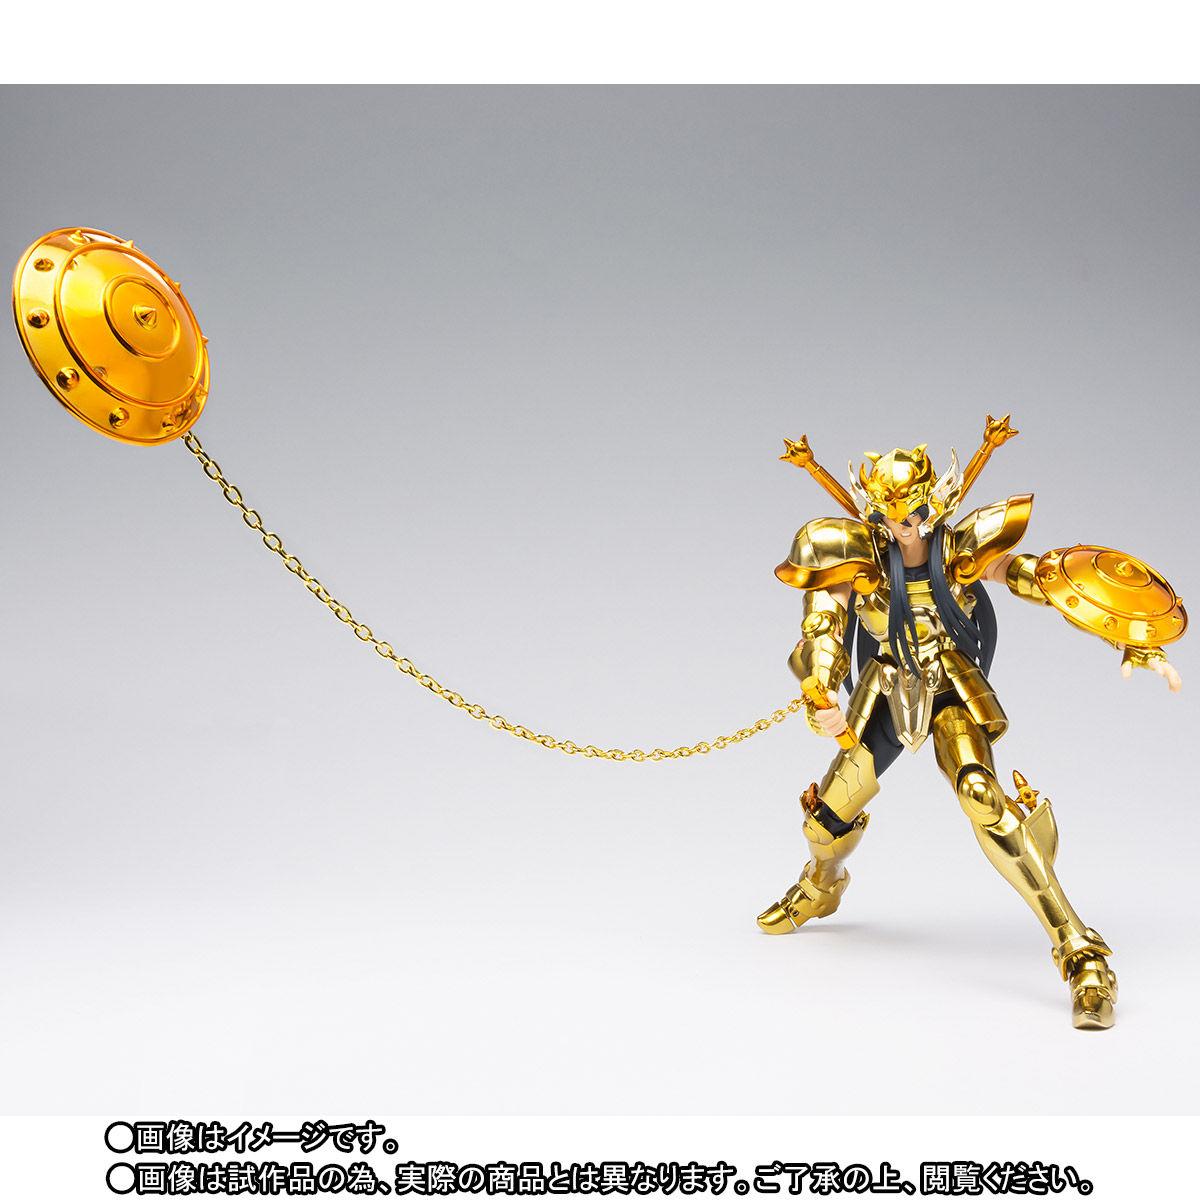 【限定販売】聖闘士聖衣神話EX『ライブラ紫龍』可動フィギュア-004